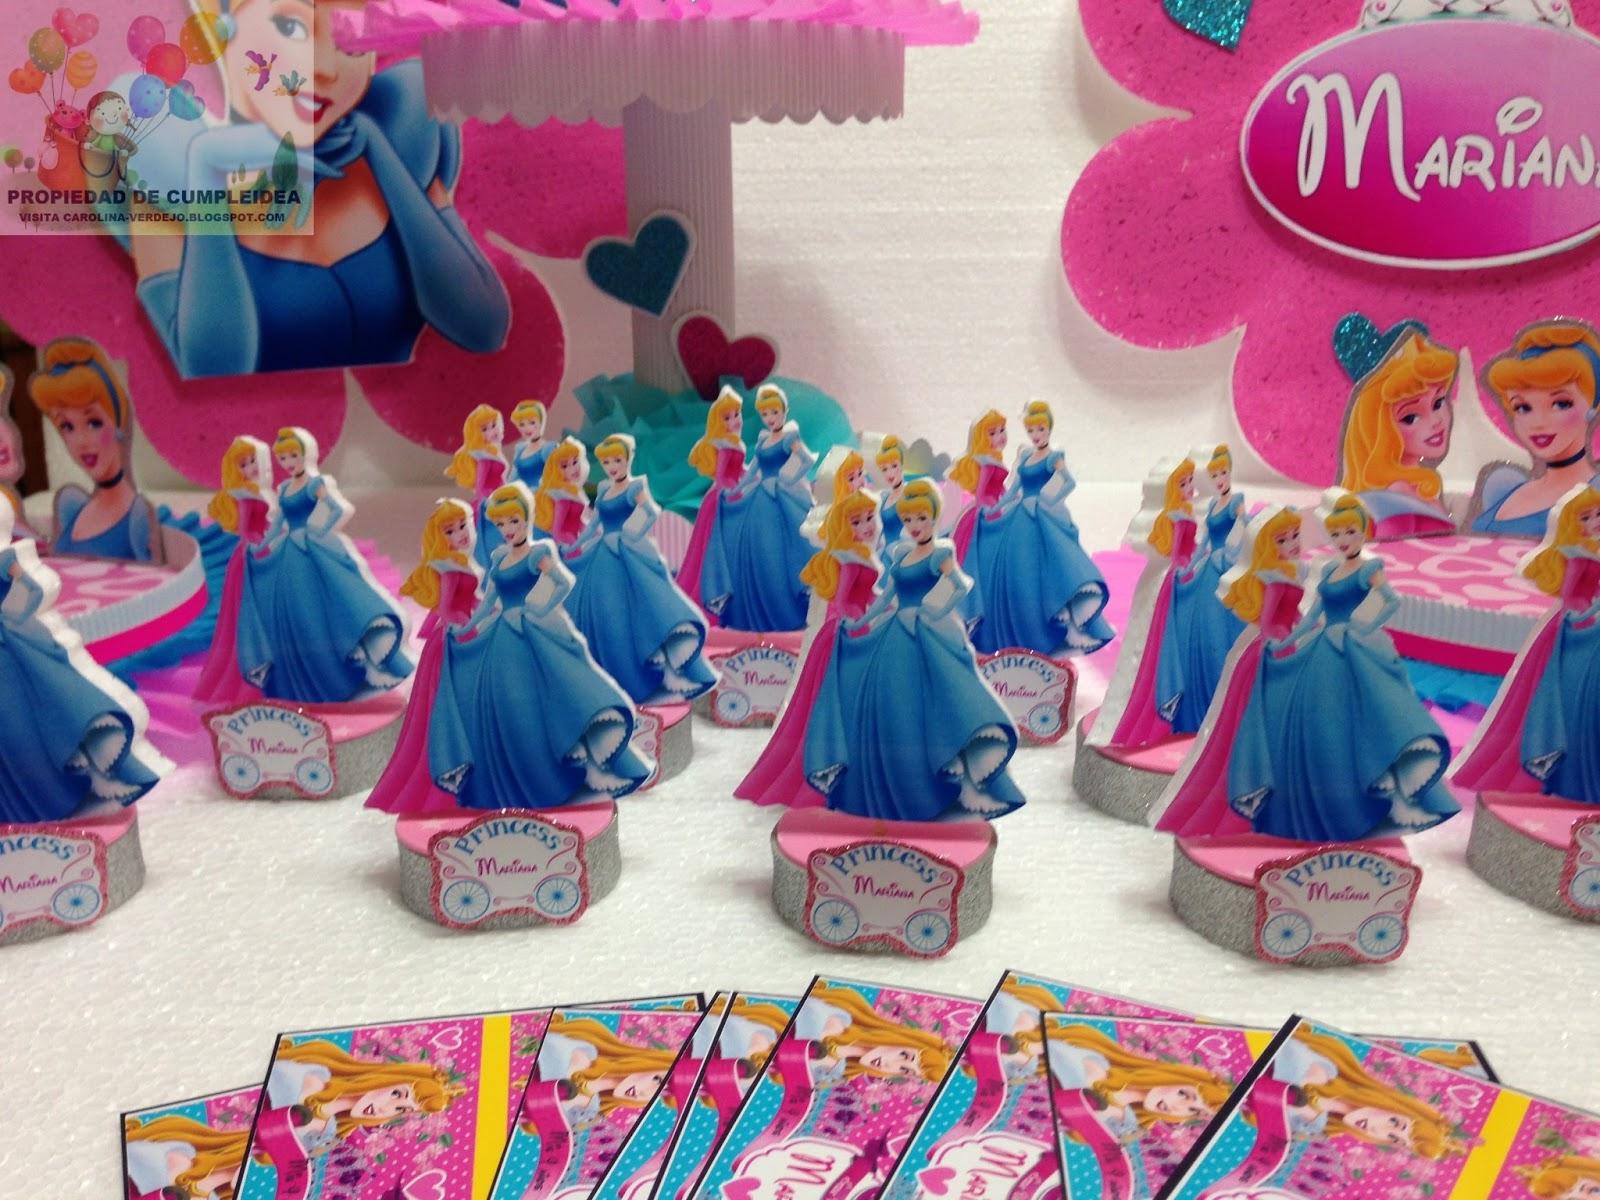 Decoraciones infantiles princesas - Decoracion cumpleanos princesas ...